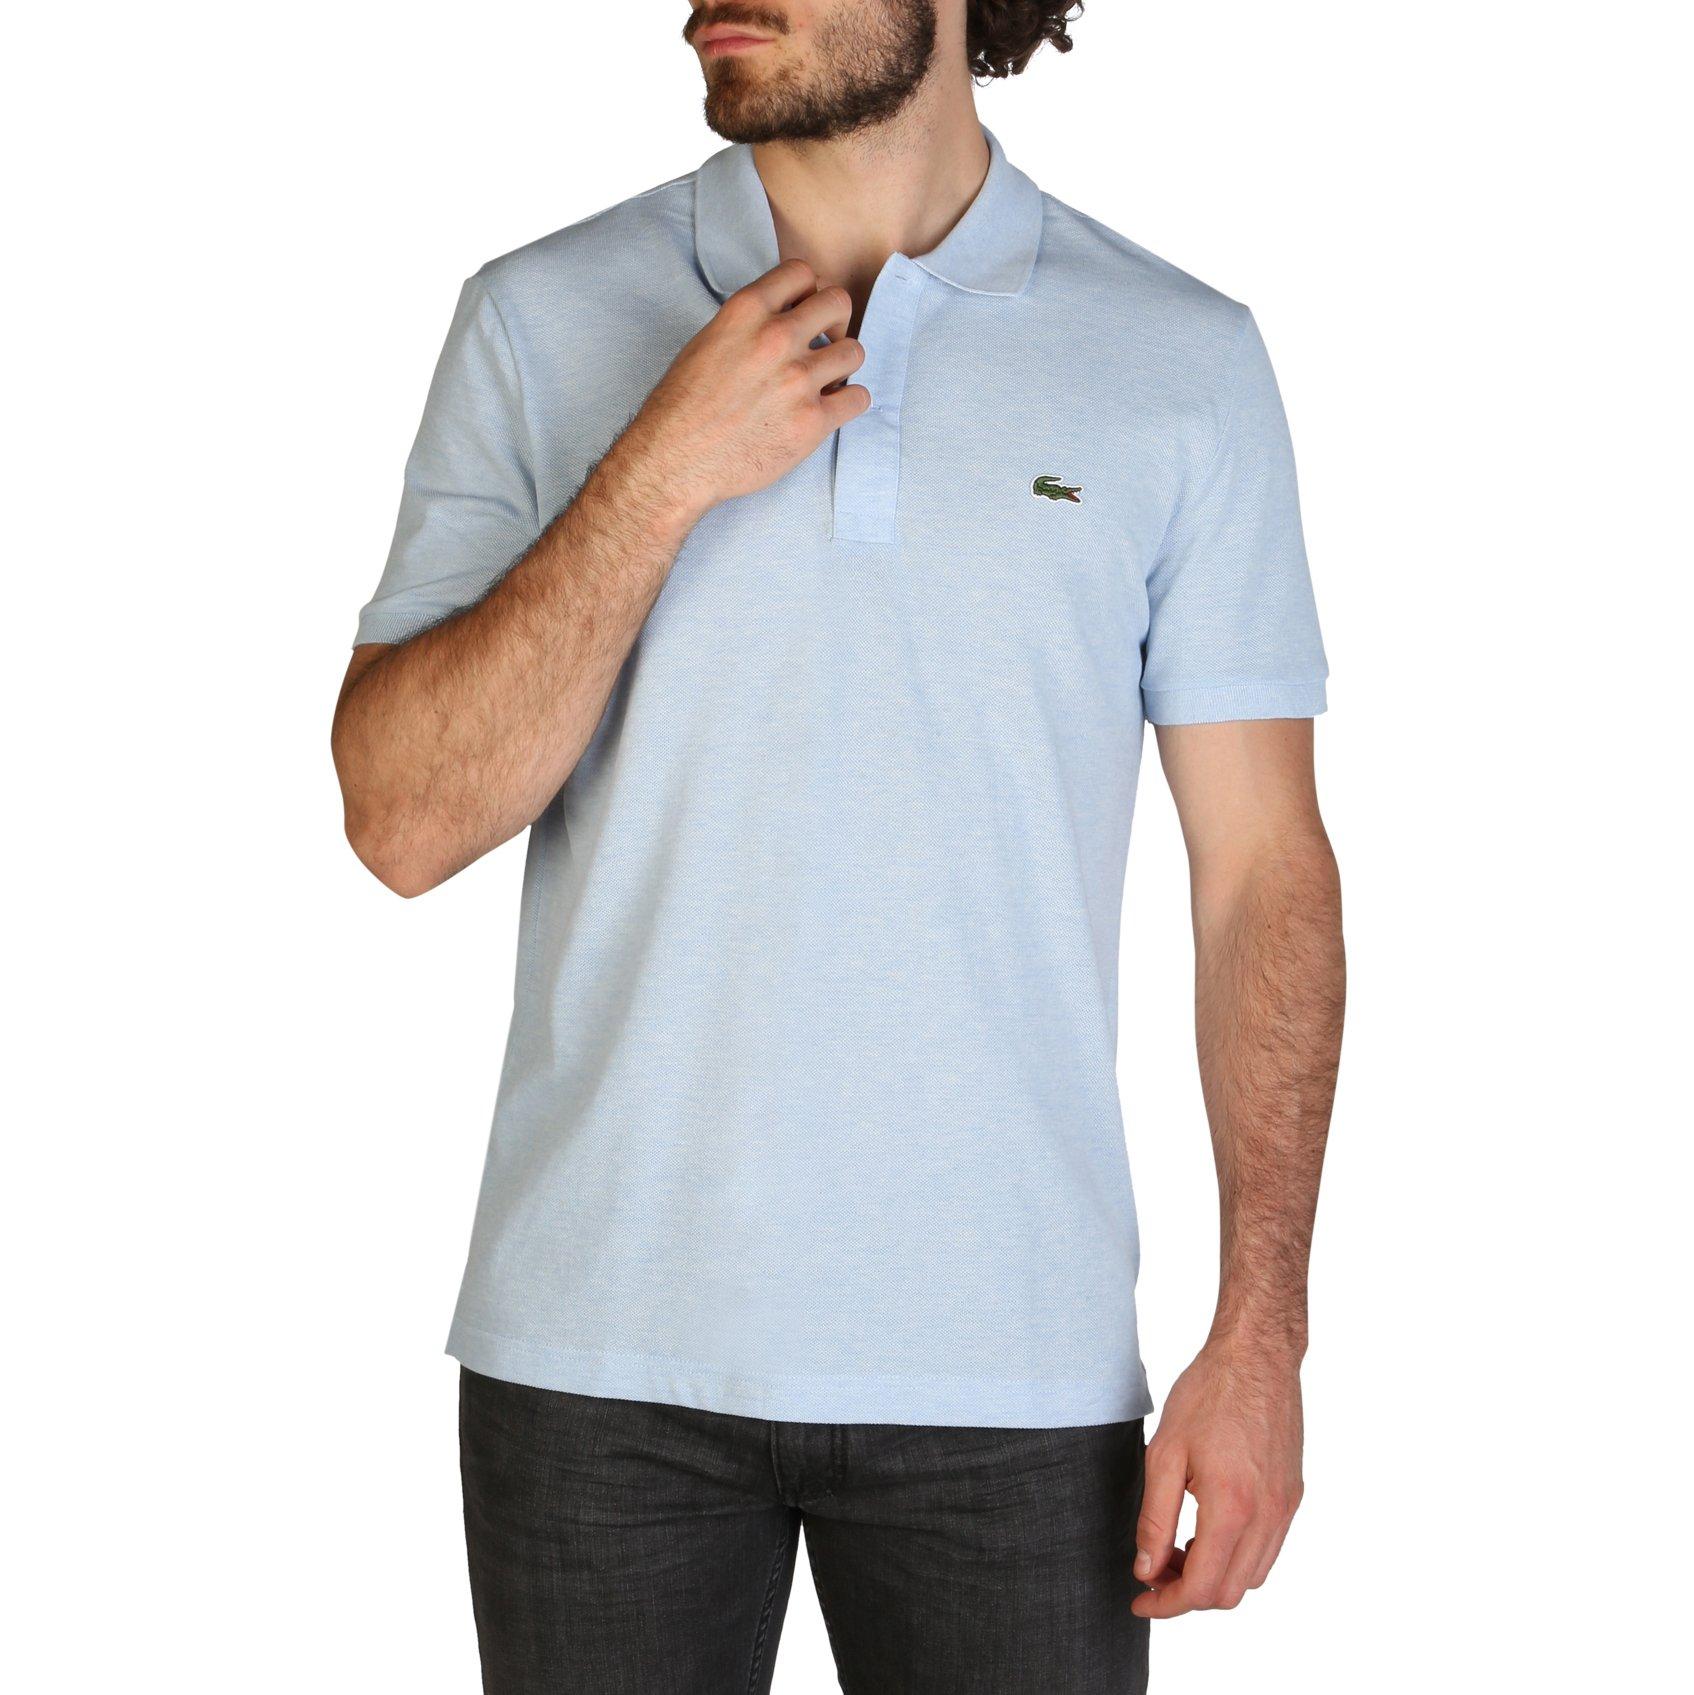 Lacoste Men's Polo Shirt Various Colours PH4012_SLIM - blue-5 S